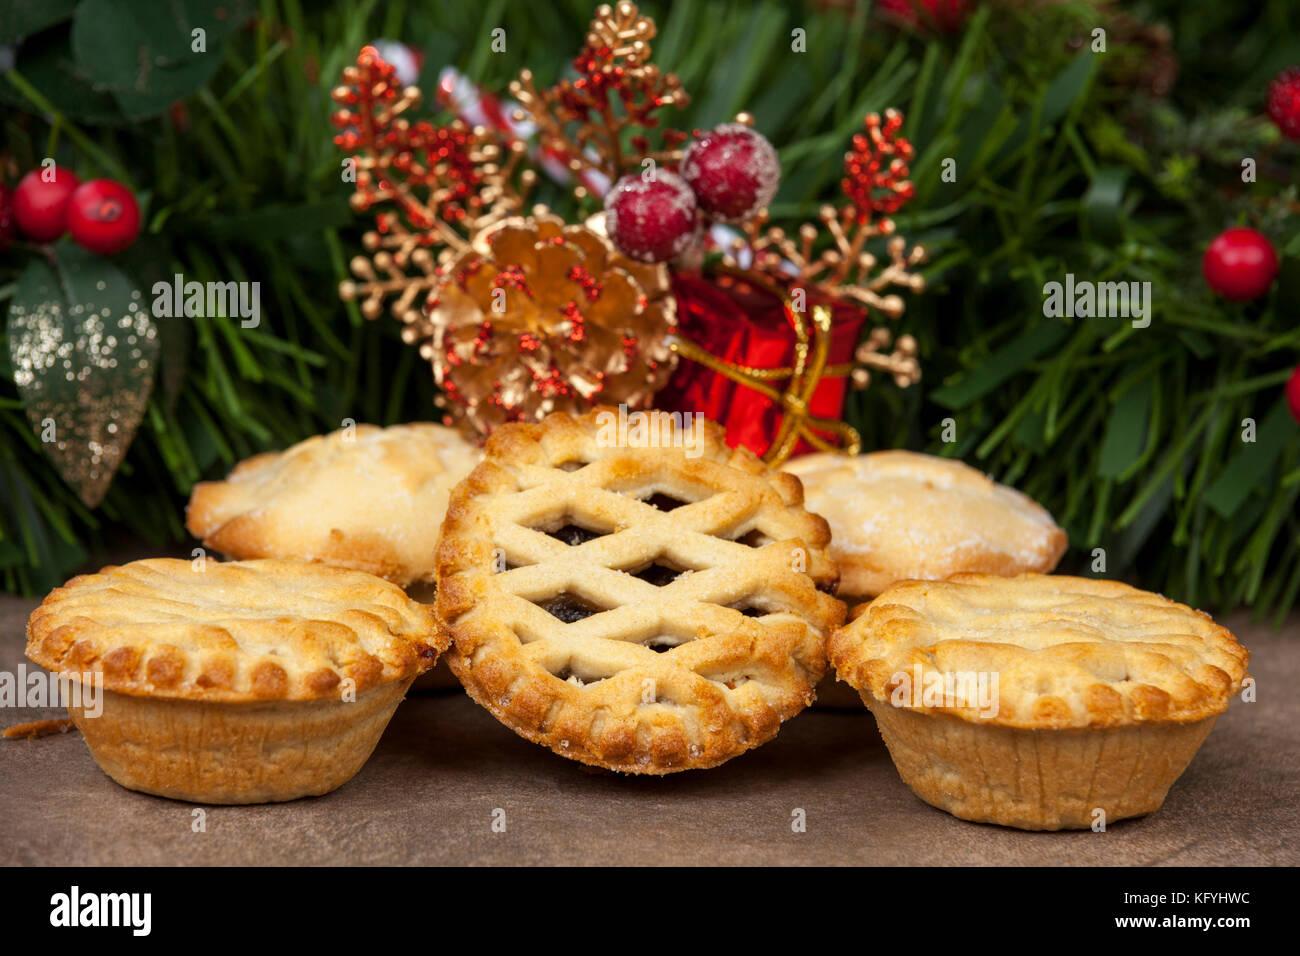 Auswahl von Golden Brown Torten mit festlichen Weihnachtsschmuck im Hintergrund mince Stockbild